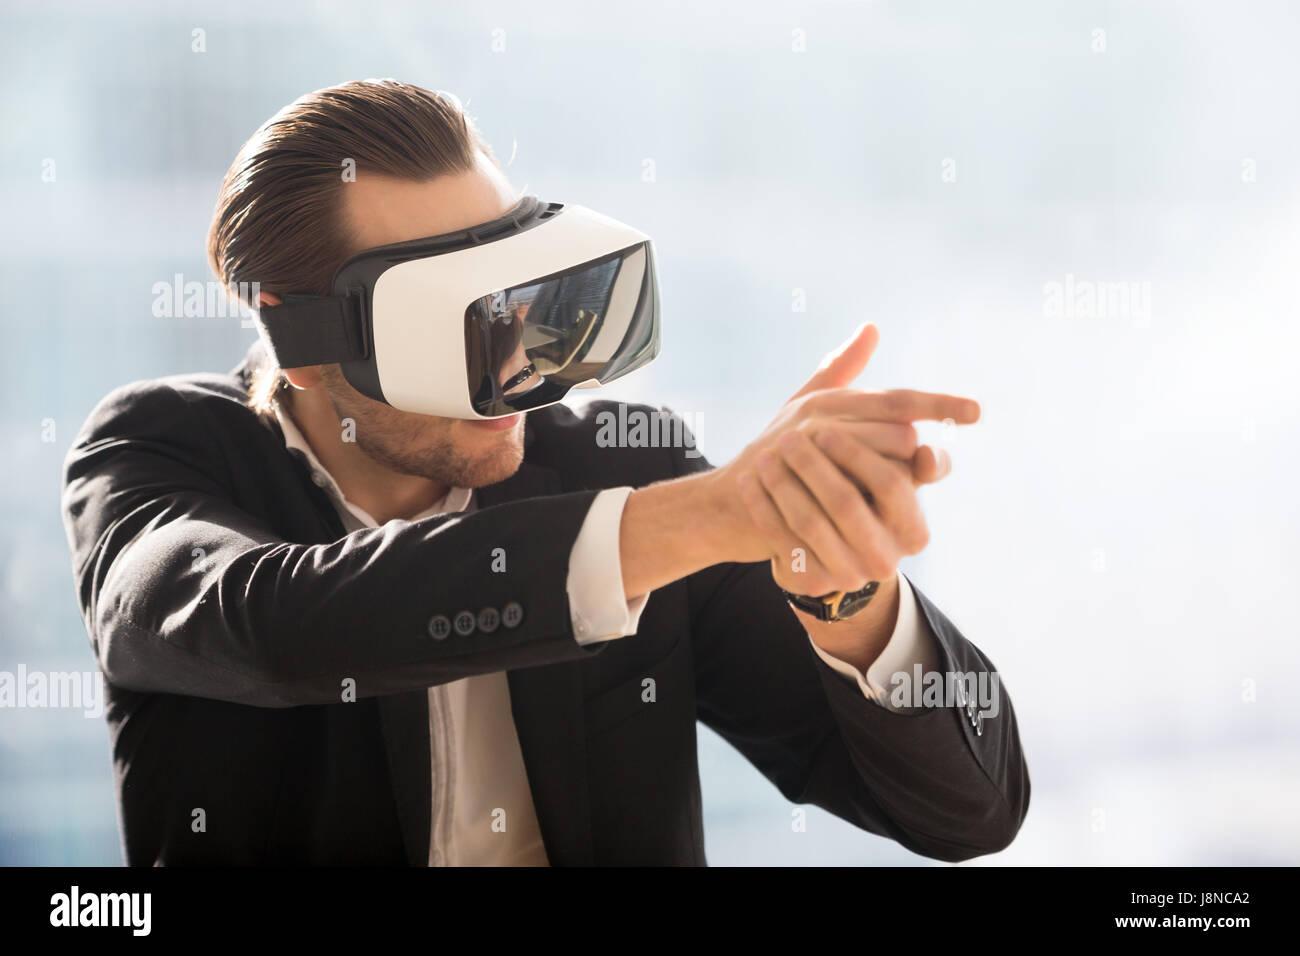 Jeu de tir en homme jouant avec casque VR Photo Stock